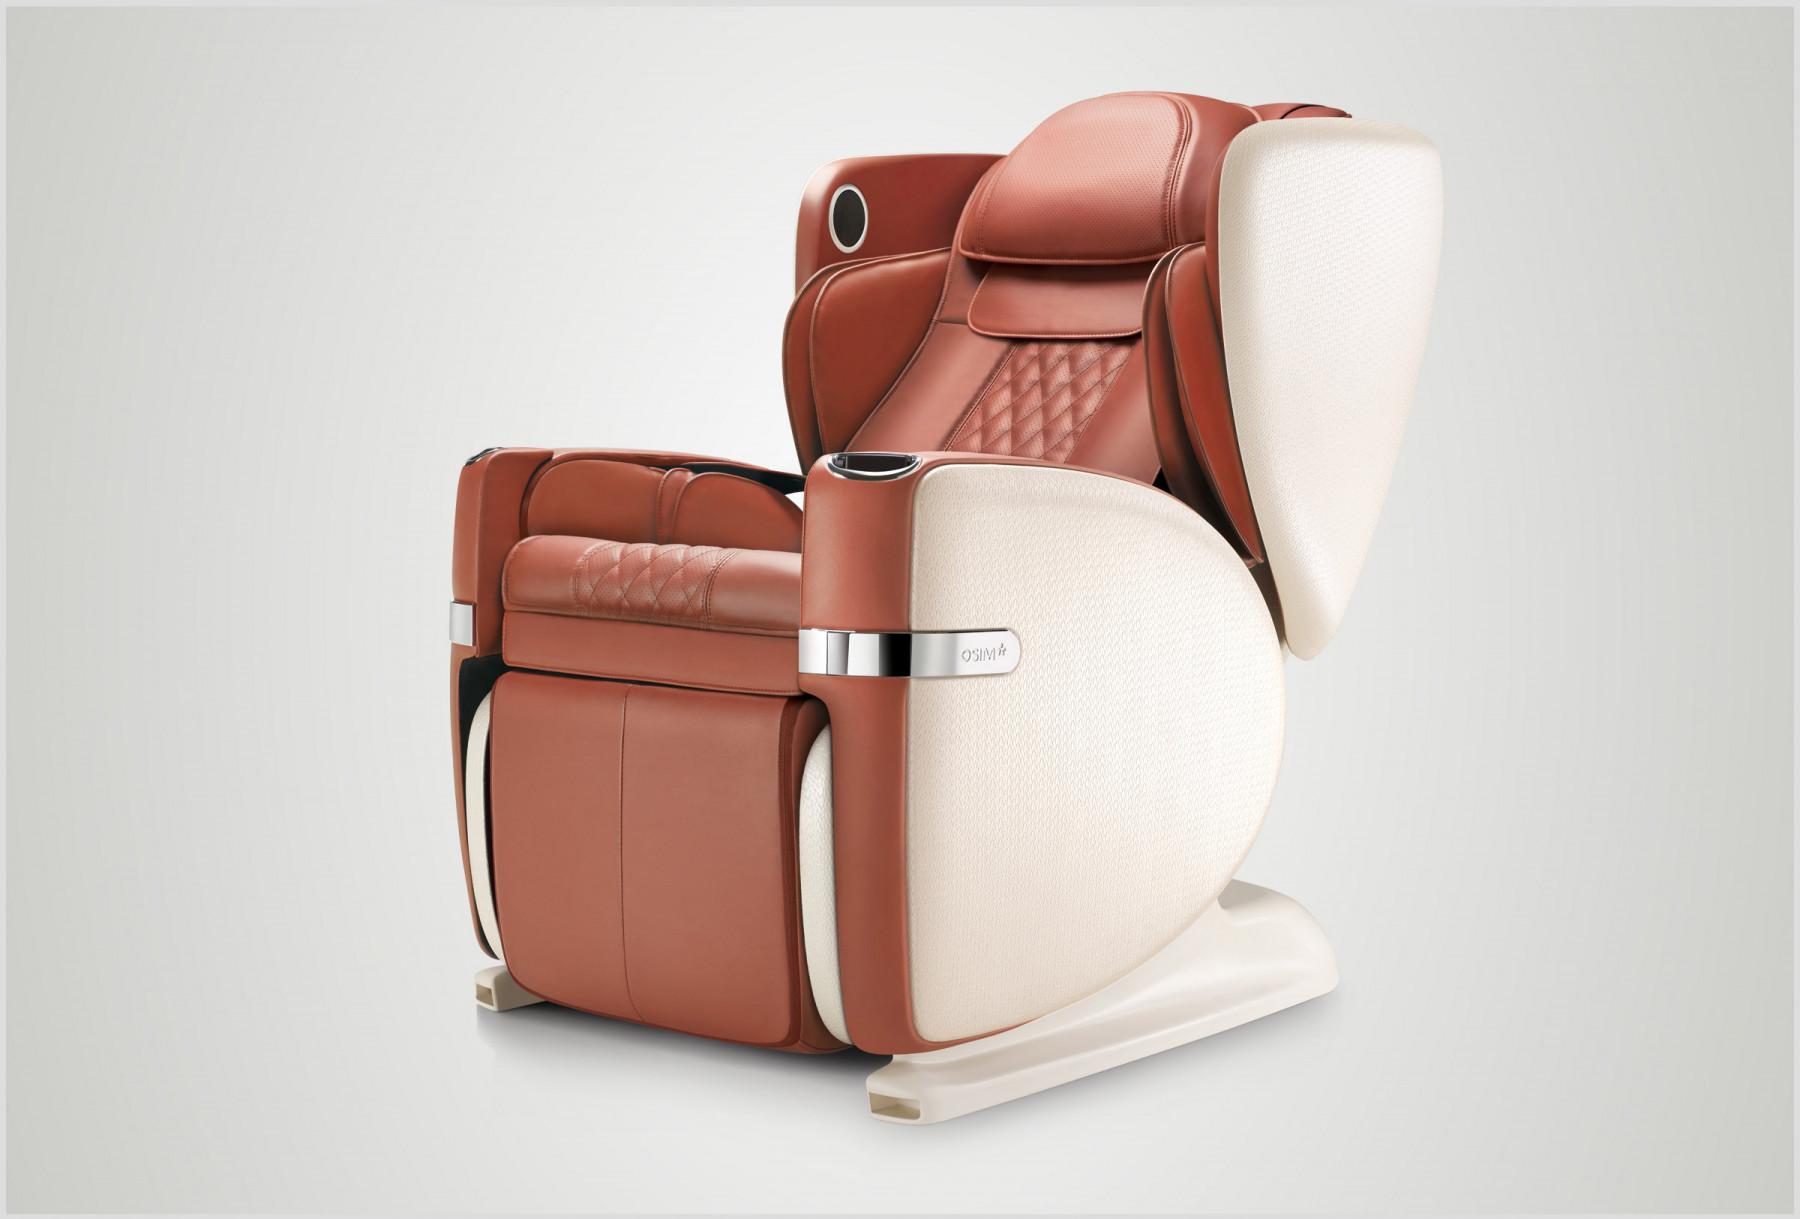 Osim webshop osim ulove massage chair for Chair massage